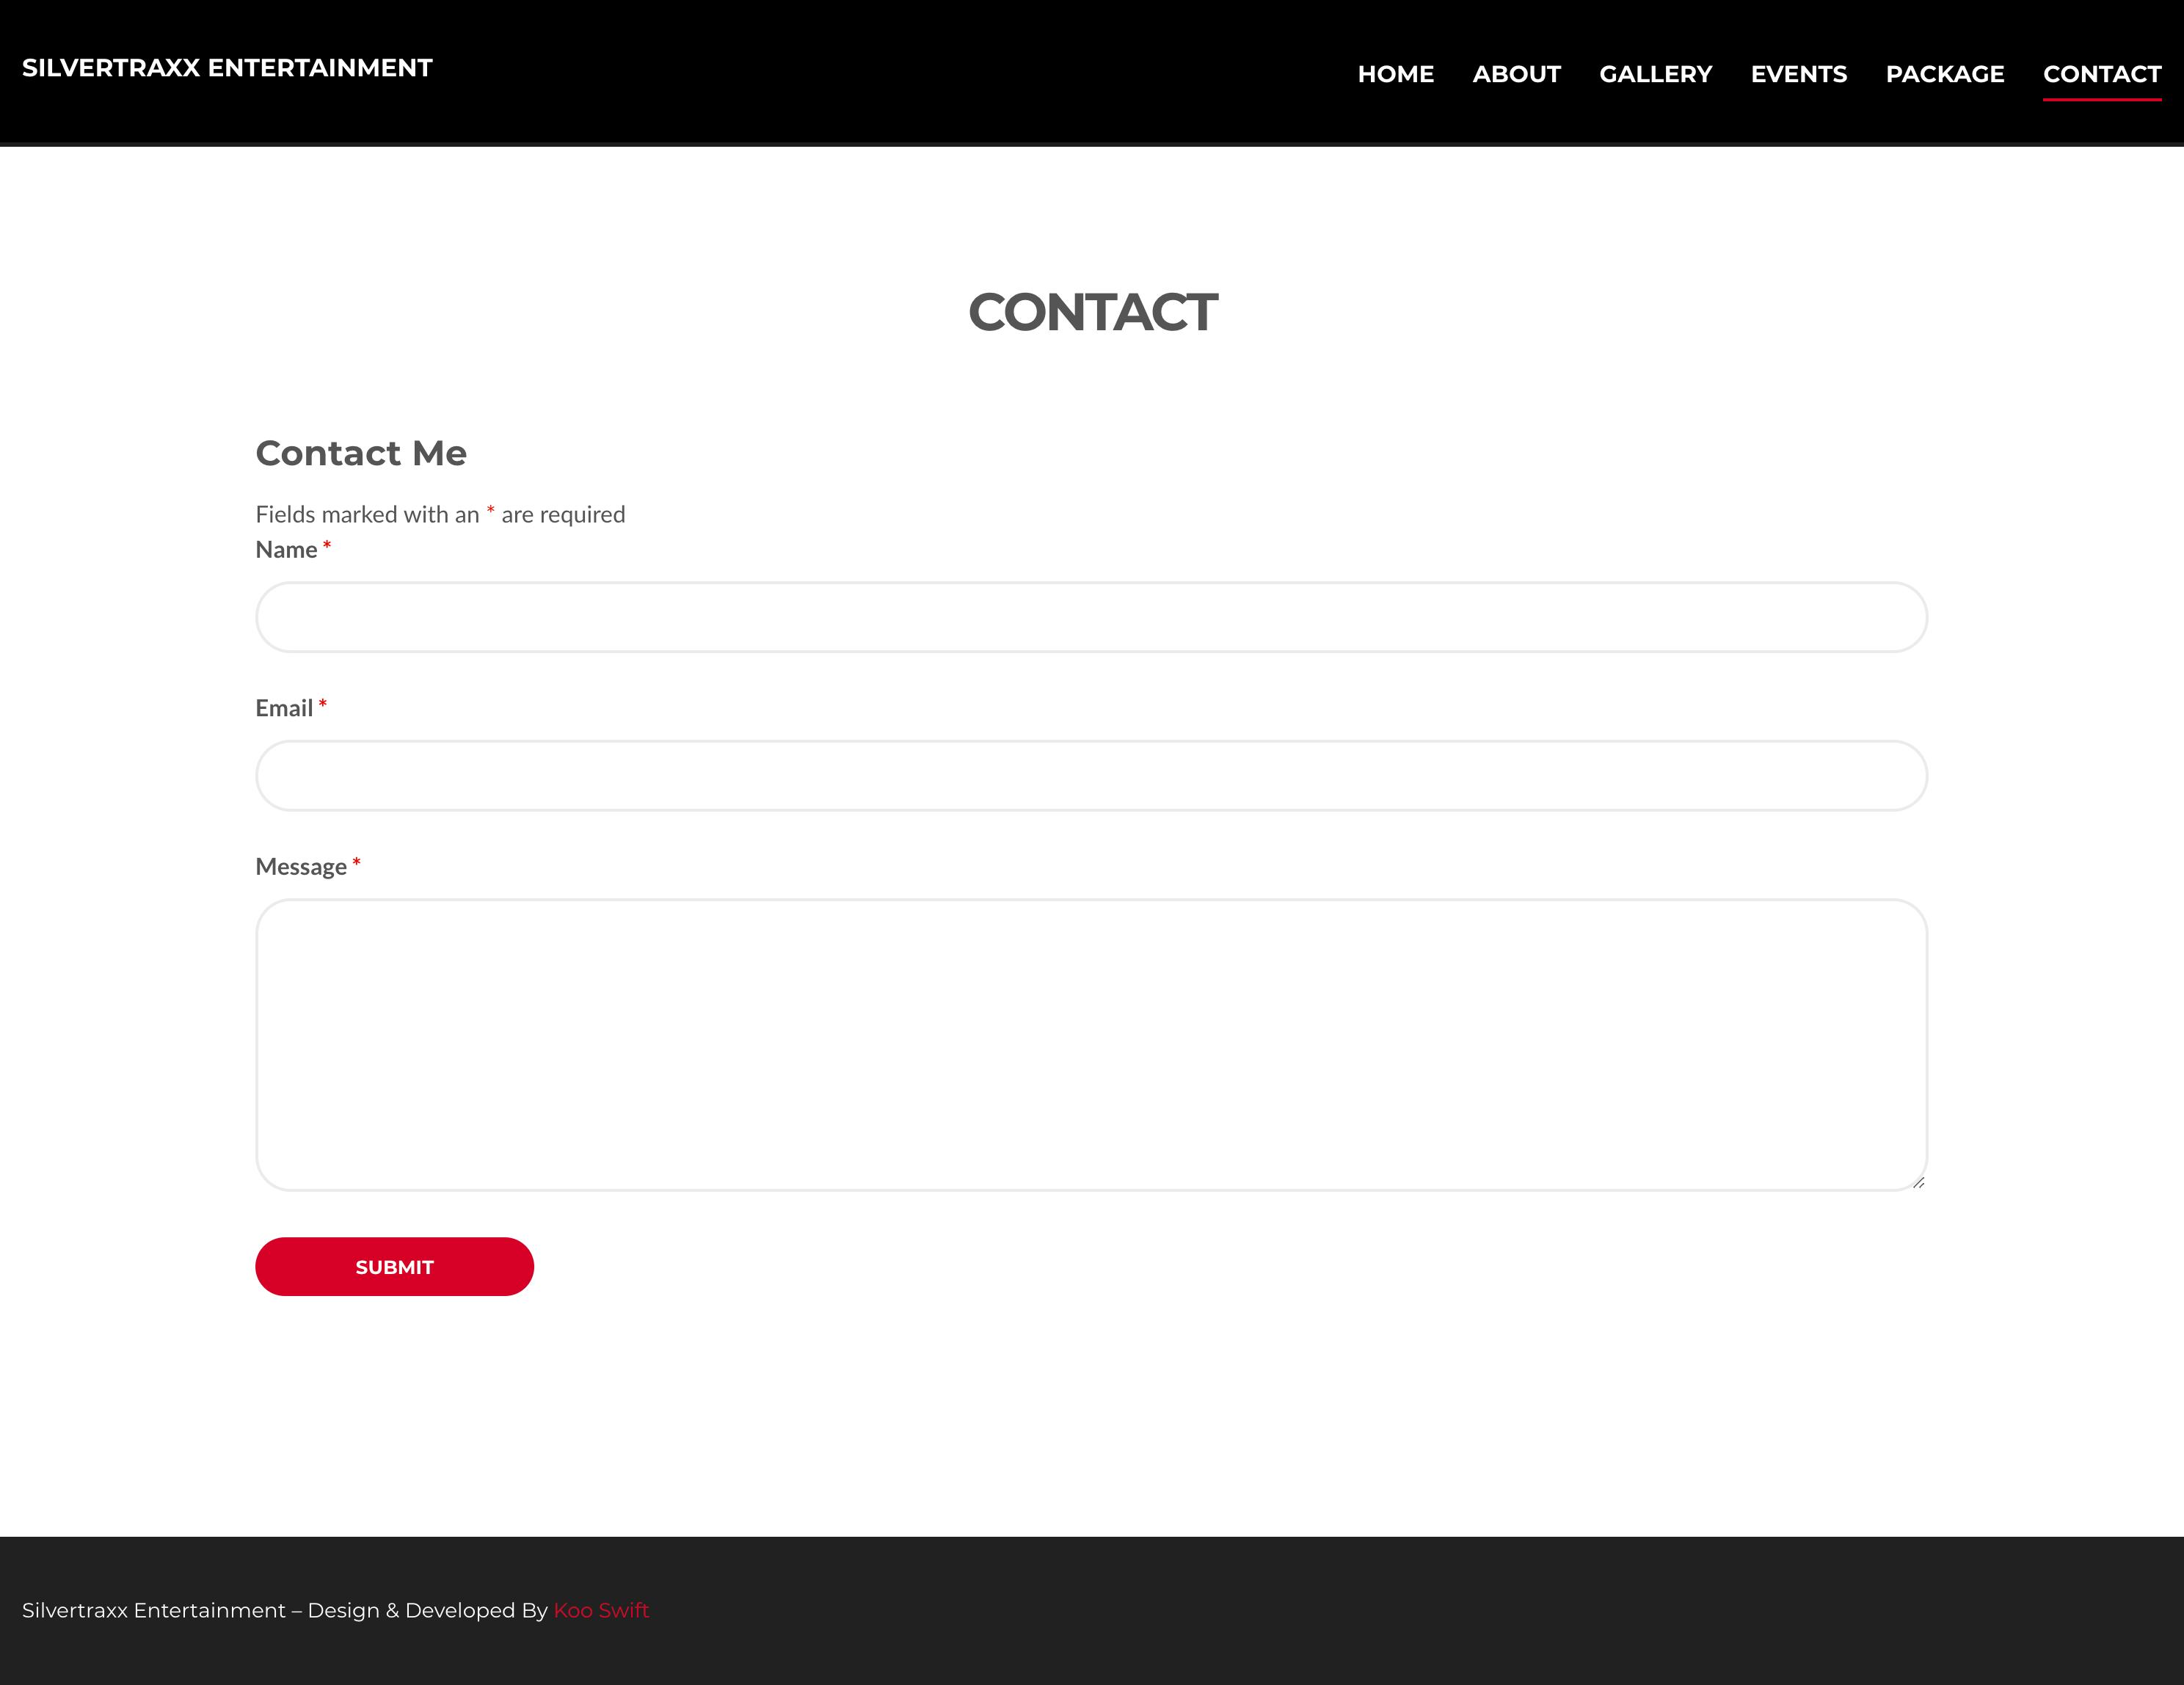 Silvertraxx Entertainment contact